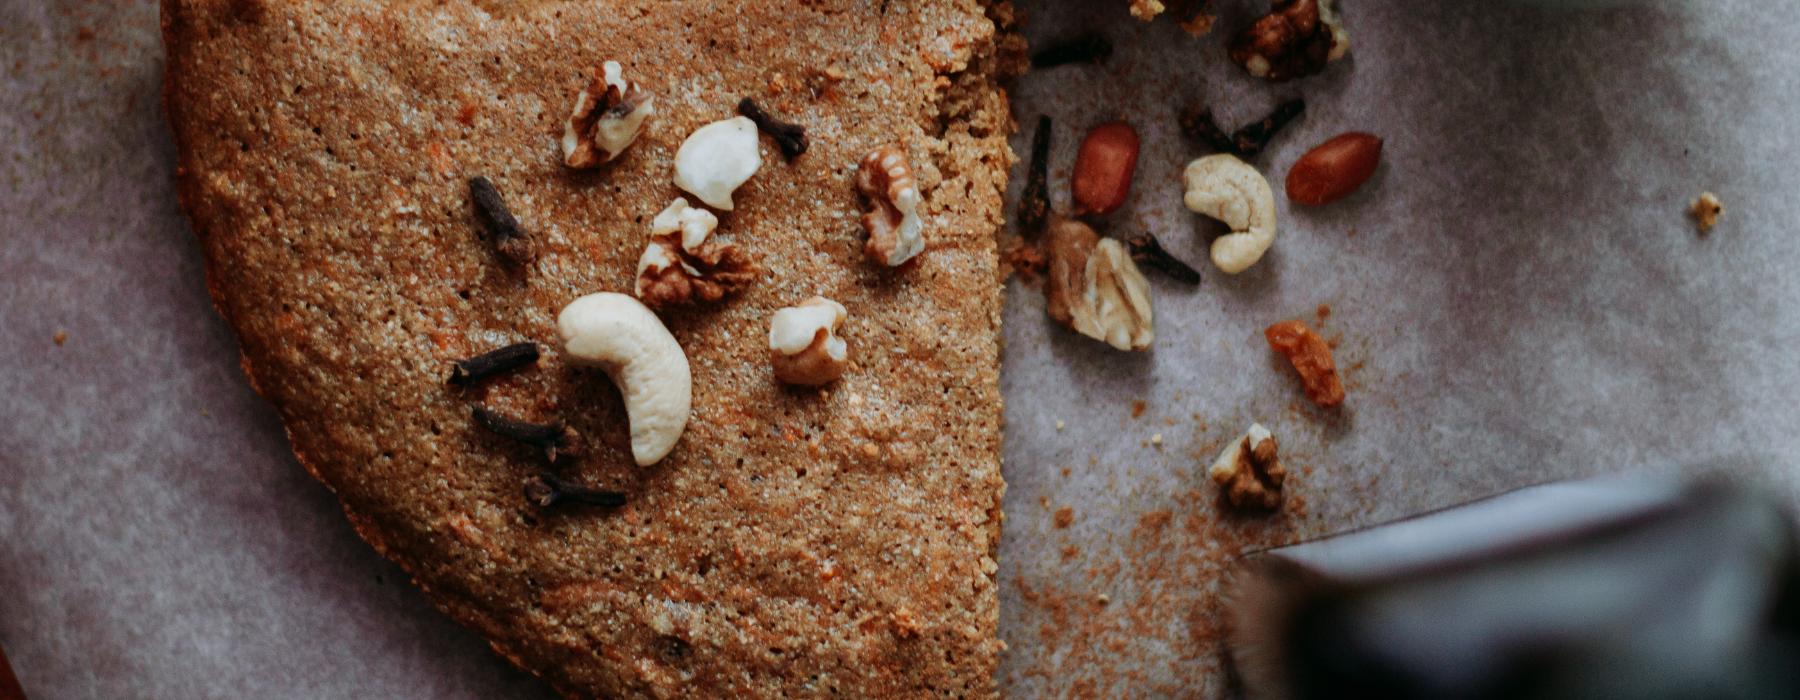 ореховый бисквит без муки